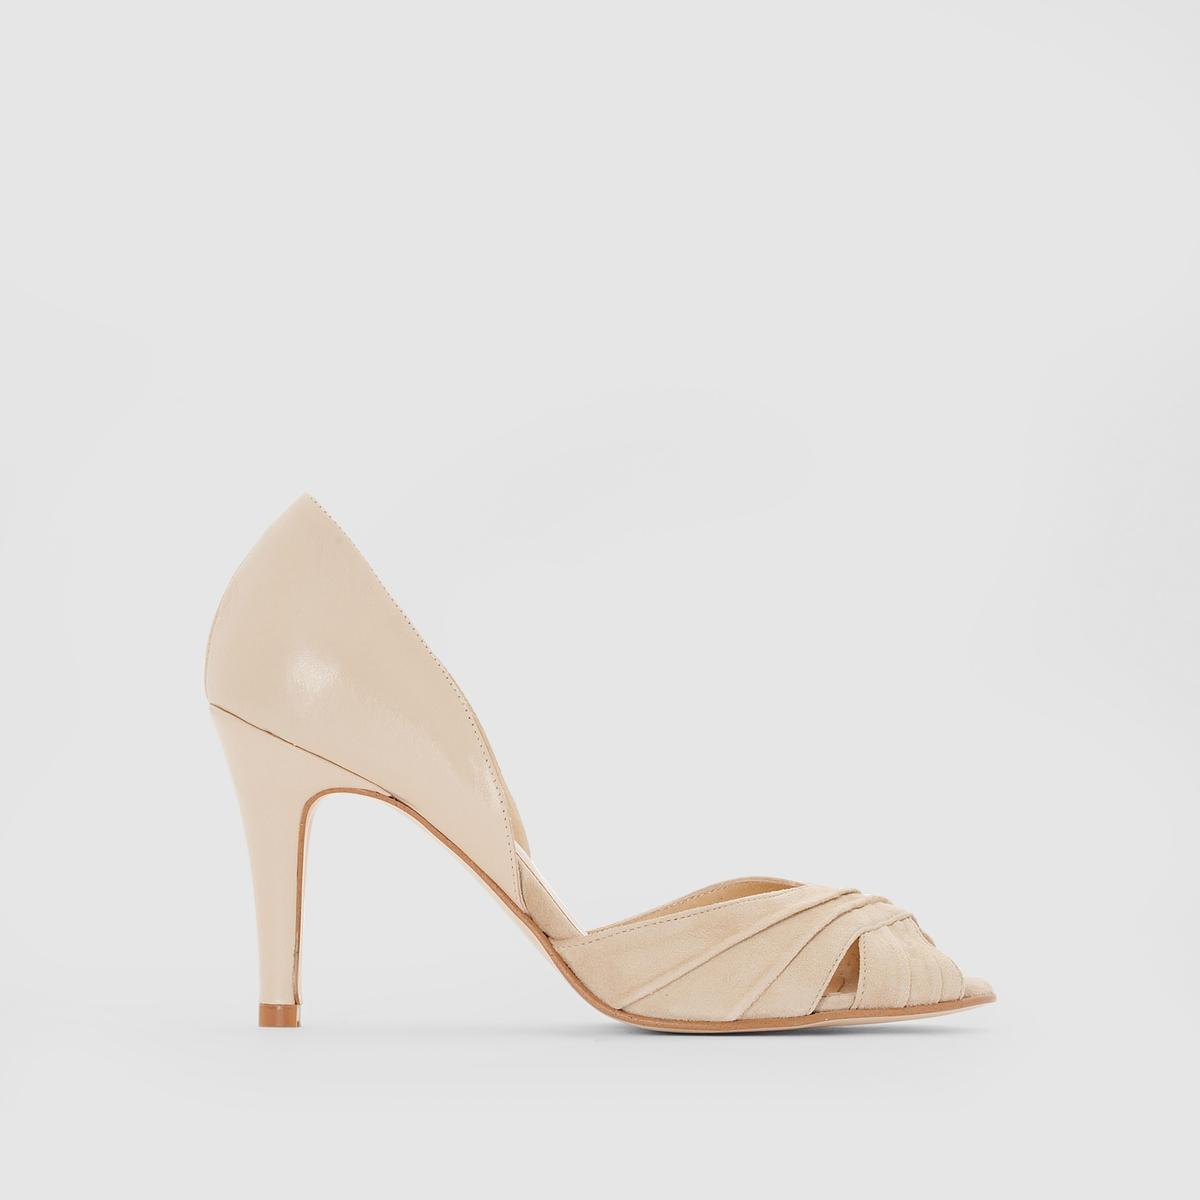 Туфли кожаные на каблуке, DOWALПодкладка: Кожа.Стелька: Кожа.       Подошва: Эластомер.       Форма каблука: Шпилька.Мысок: Открытый.Застежка: Без застежки.<br><br>Цвет: бежевый<br>Размер: 39